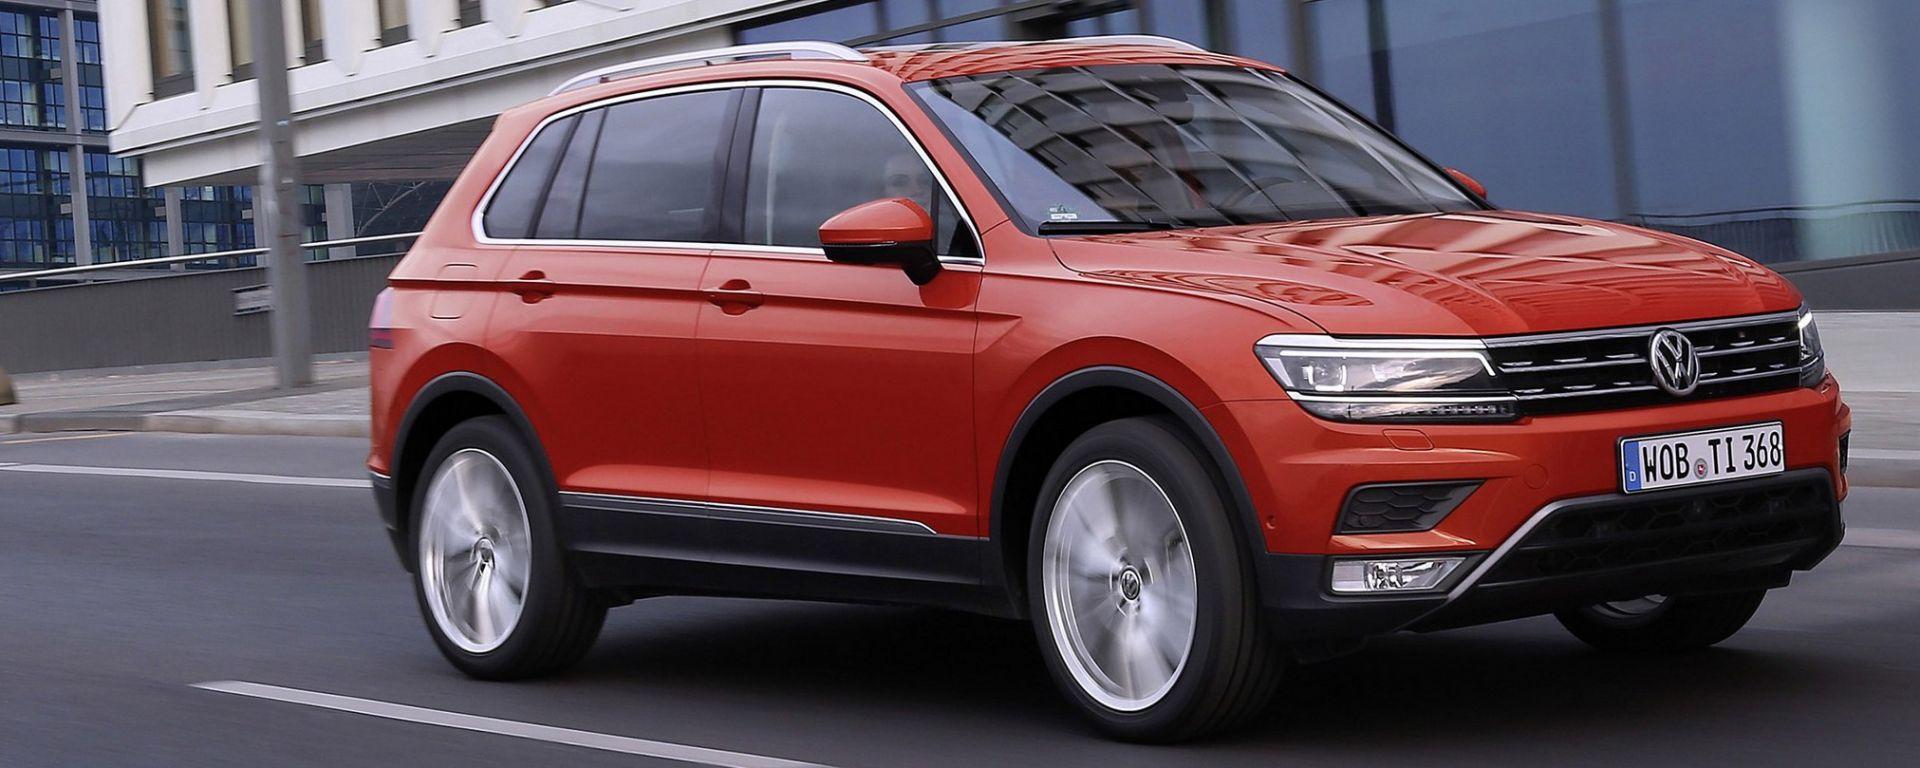 Volkswagen Tiguan 2016: il video della prova